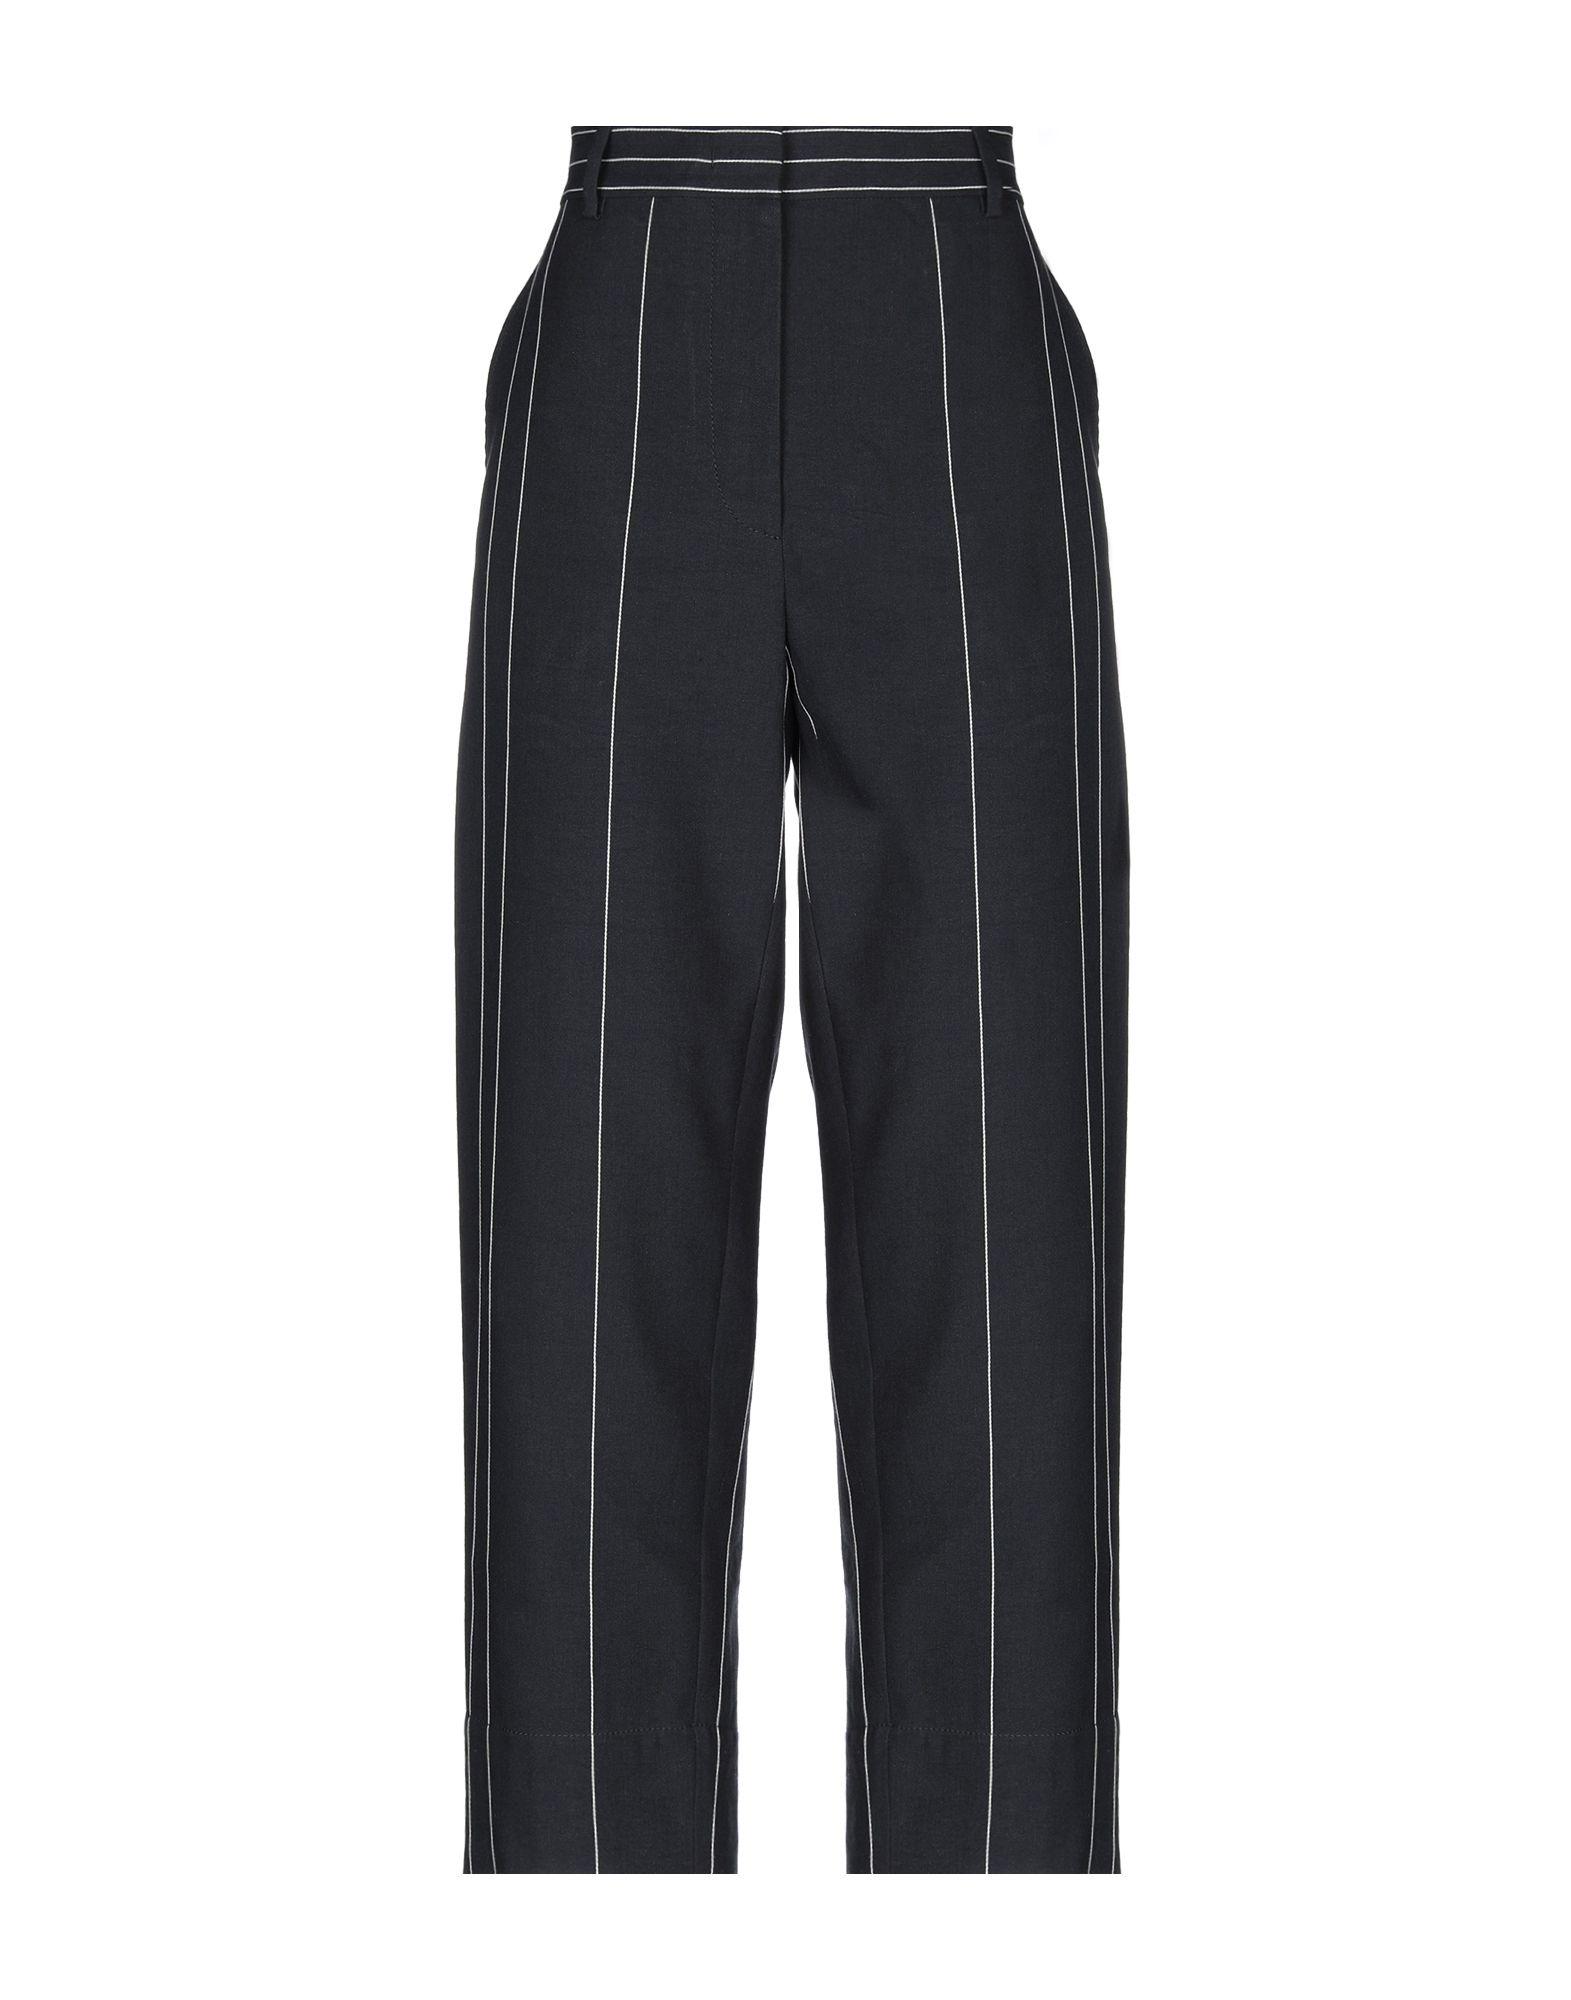 CEDRIC CHARLIER Повседневные брюки cedric charlier брюки cedric charlier a030440270 206 розовый